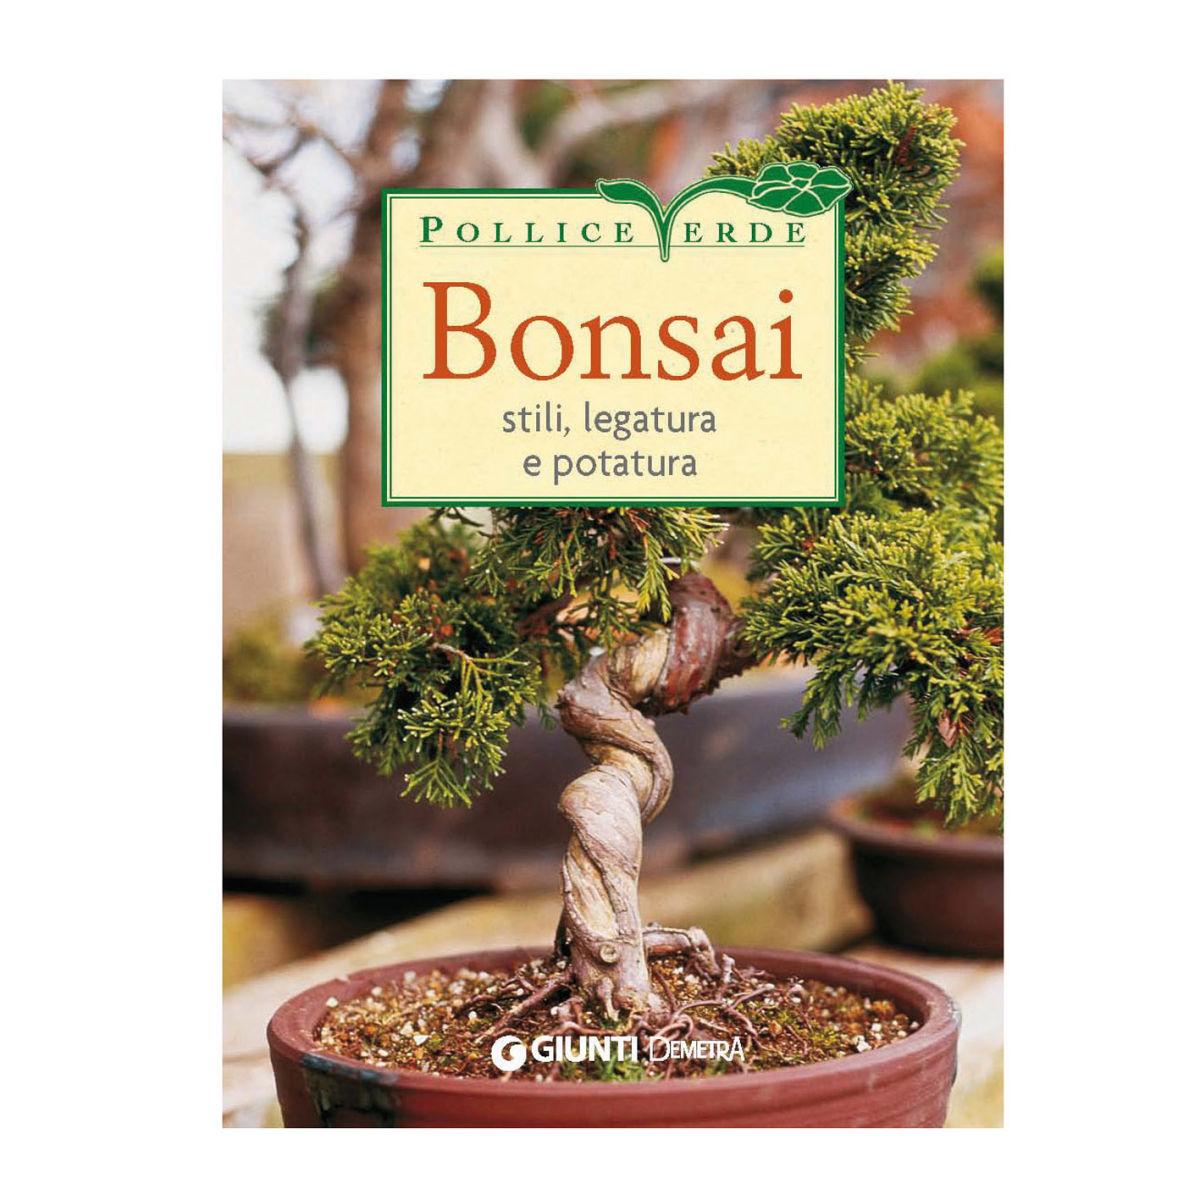 Libri di giardinaggio: prezzi e offerte online per libri di giardinaggio